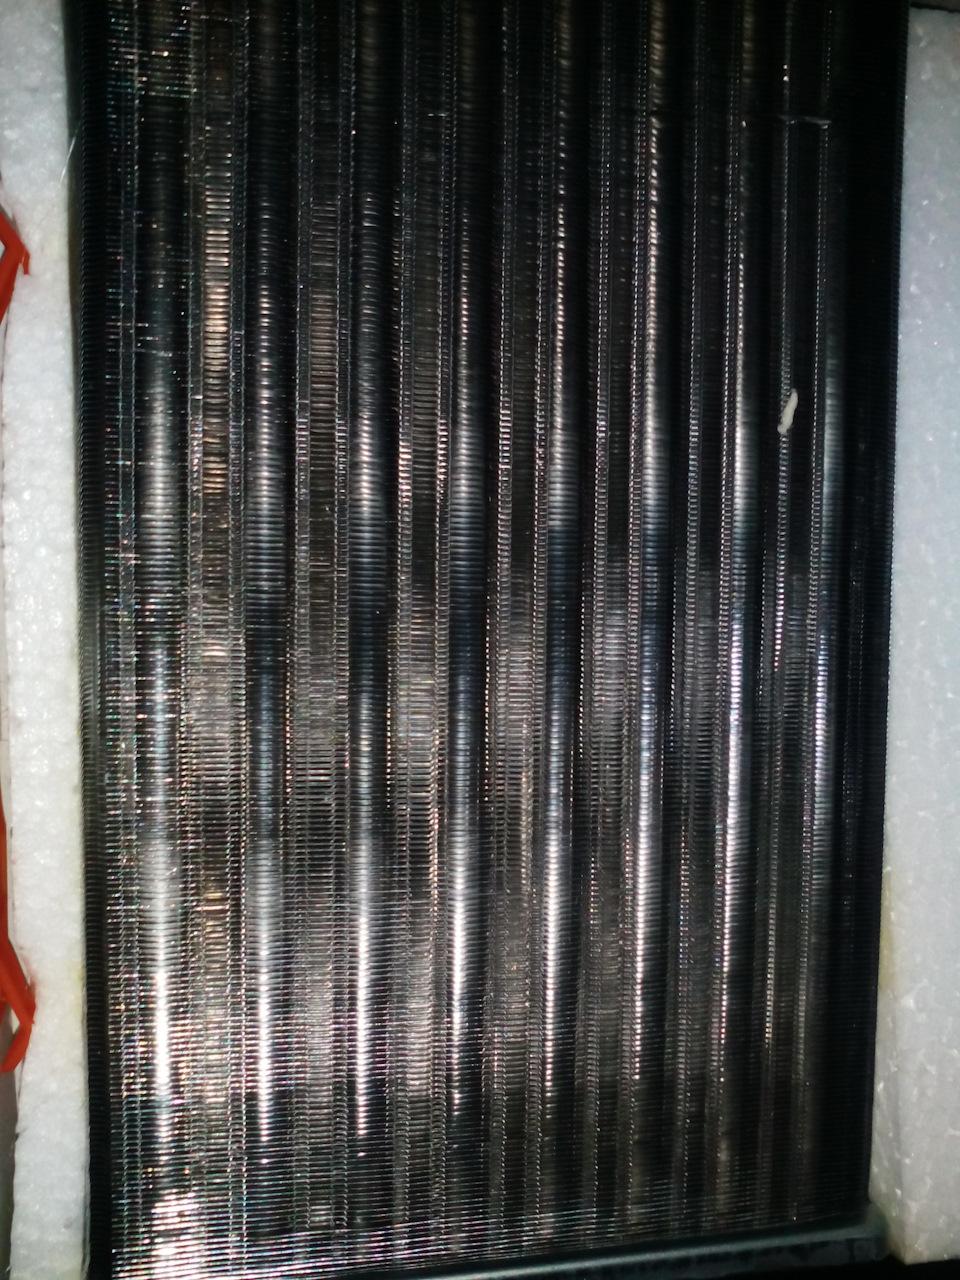 13a223es 960 - Замена радиатора печки ваз 2114 своими руками - полезные советы